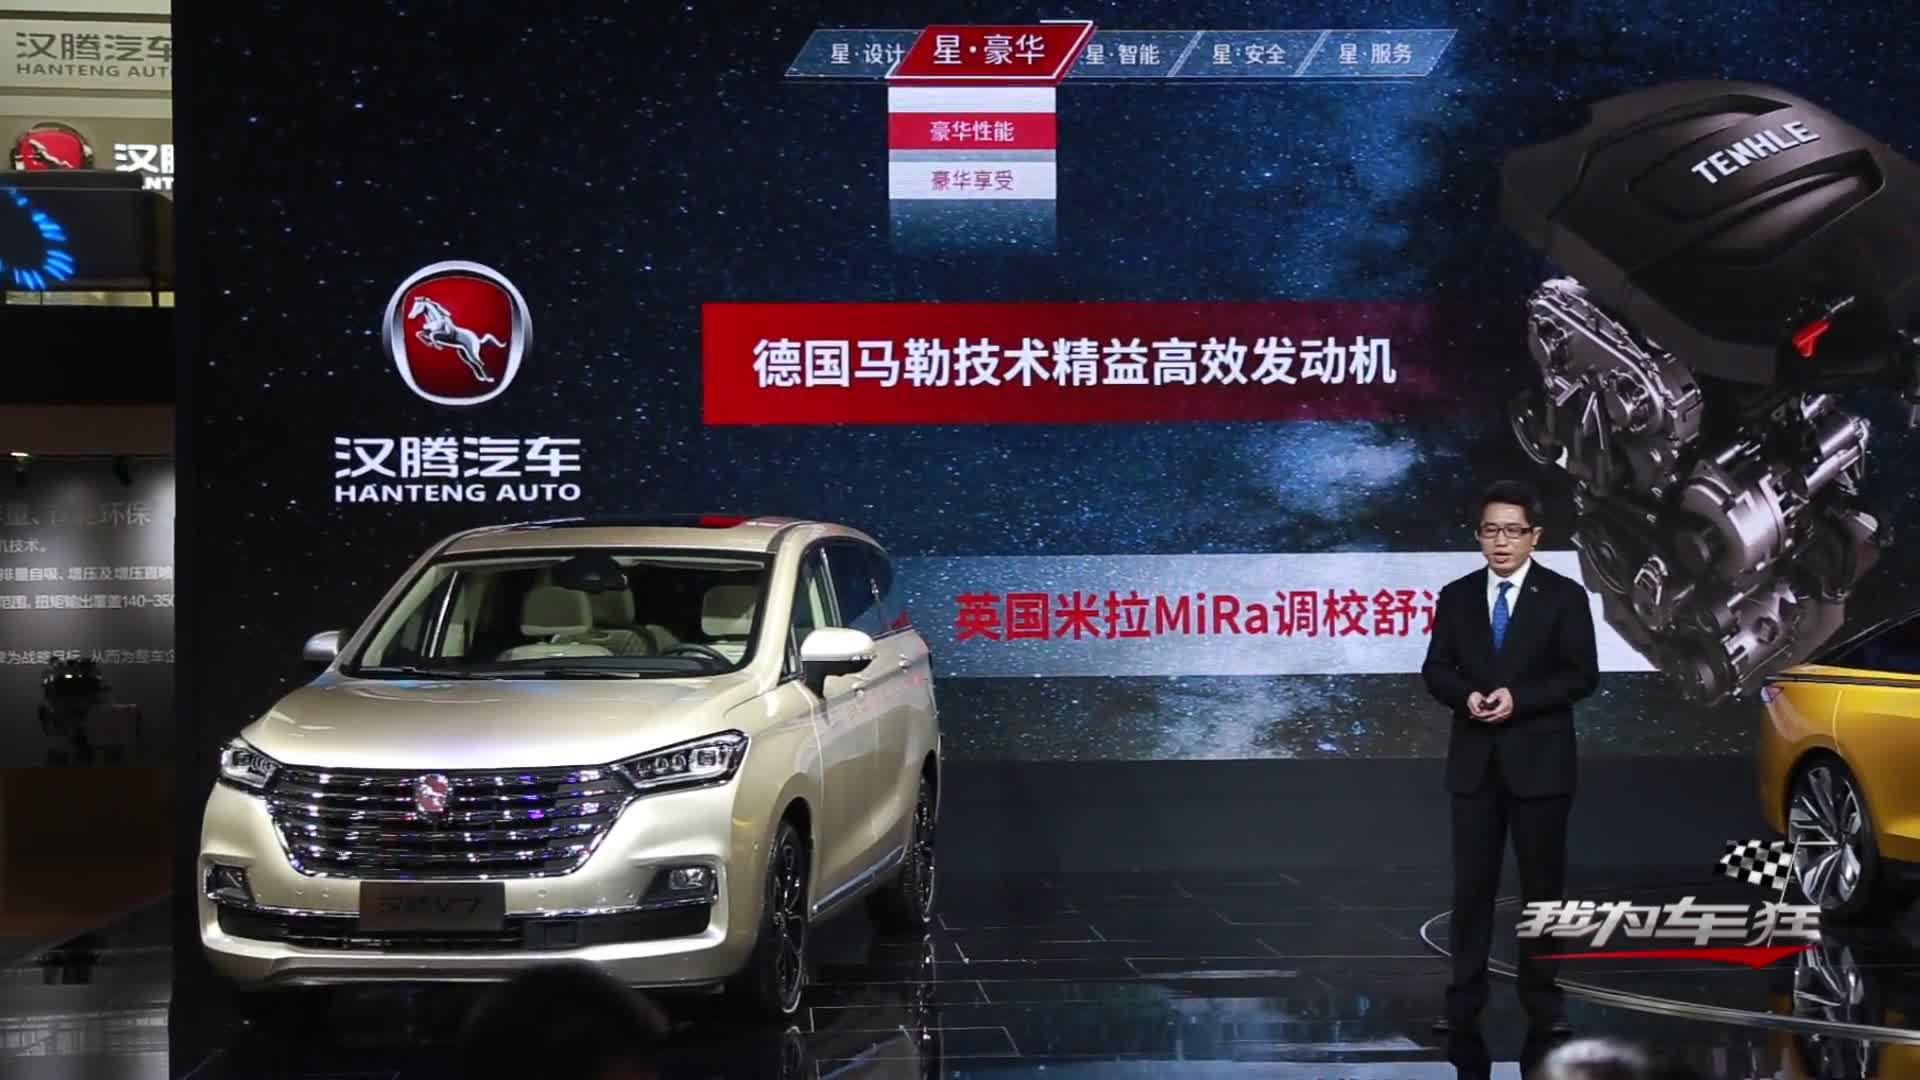 上海车展汉腾V7开启预售,L2级自动驾驶是亮点